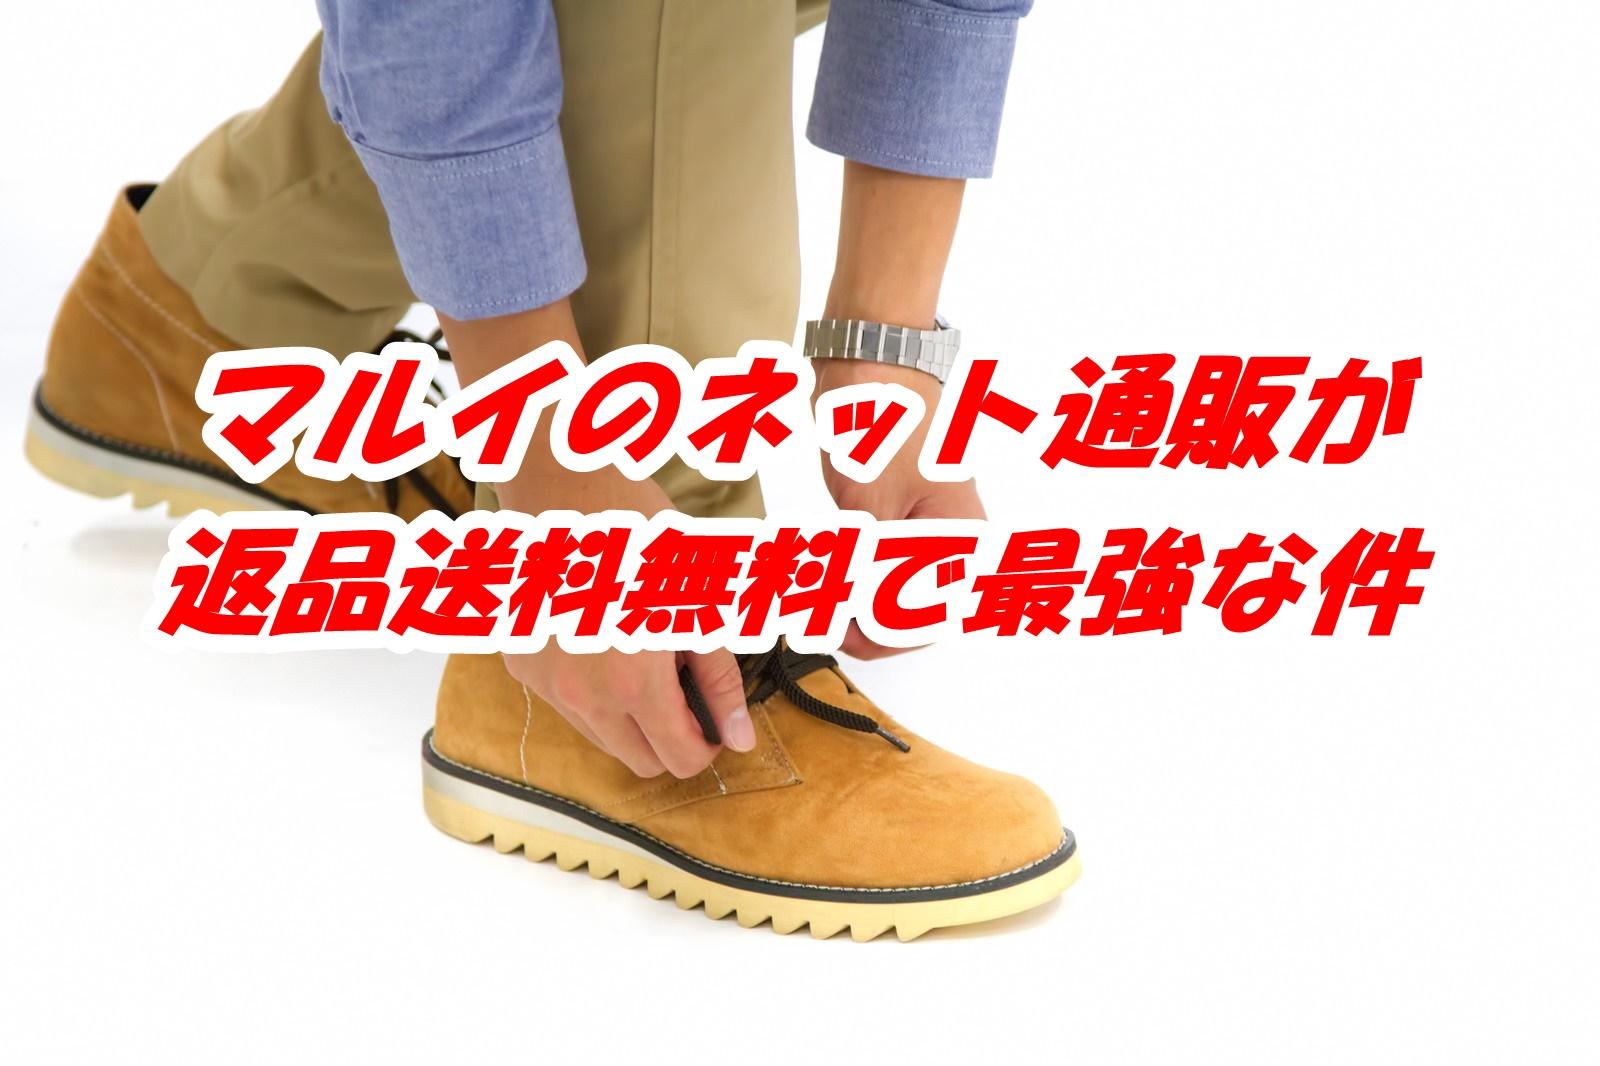 靴を買うならマルイが最強!送料無料で返品も無料のラクチン便